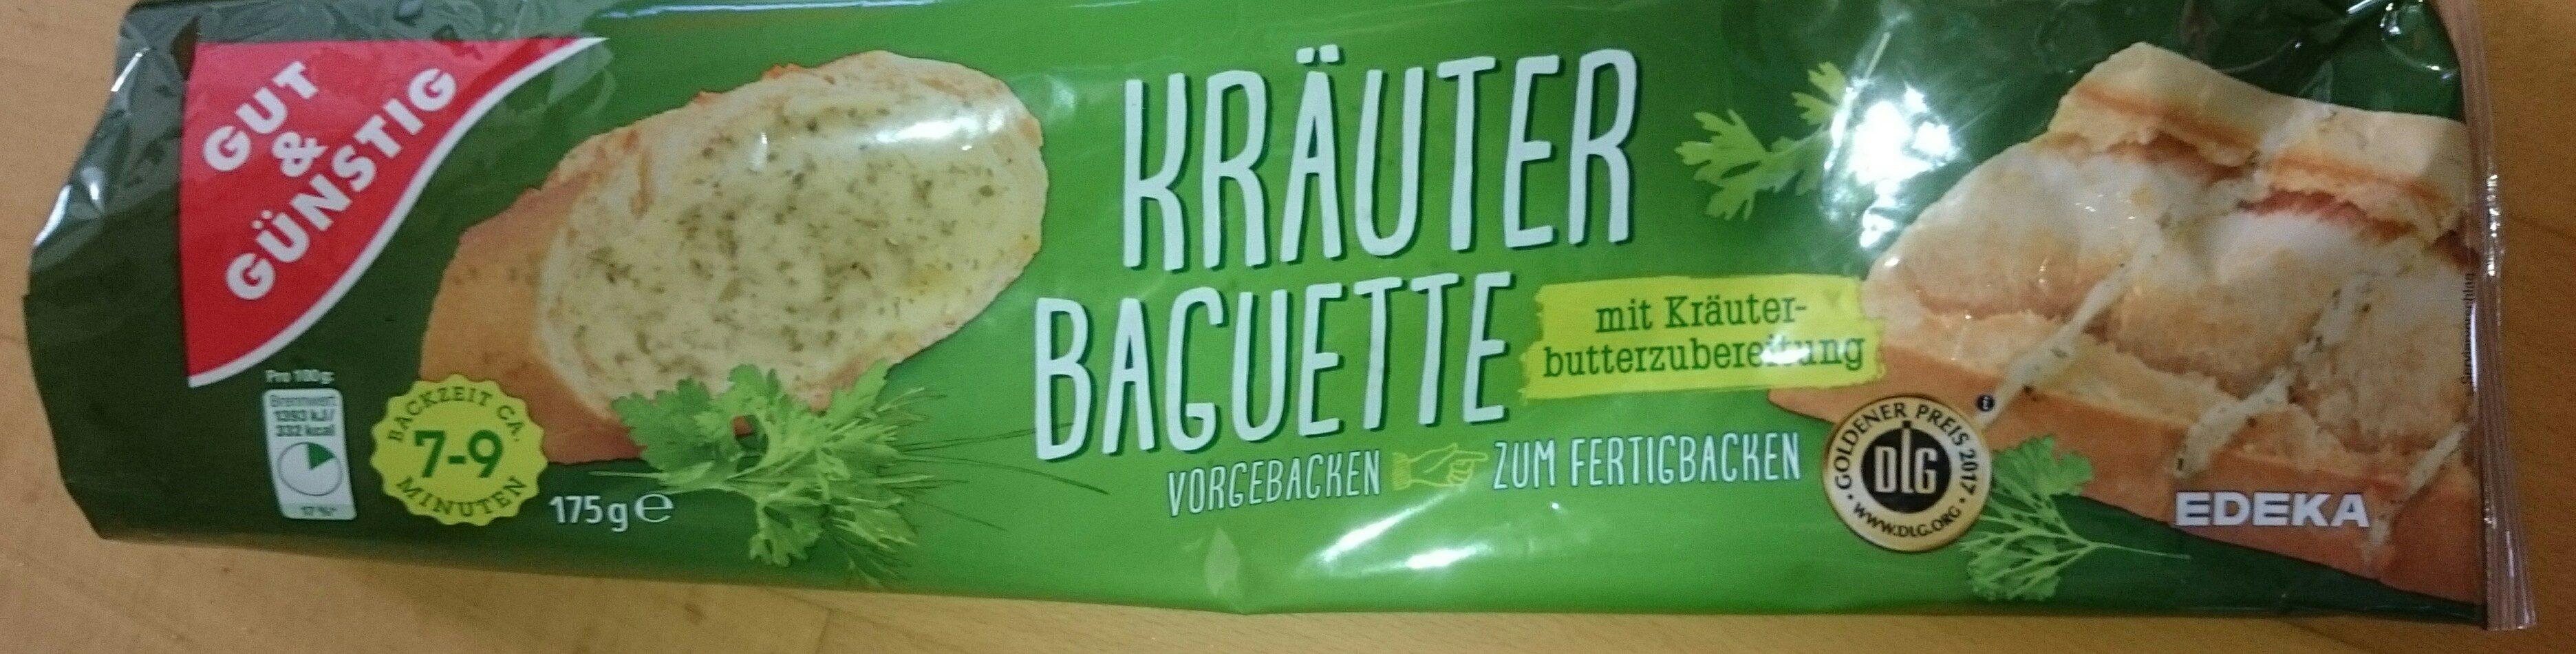 Kräuter Baguette mit Kräuterbutterzubereitung gefüllt - Product - de